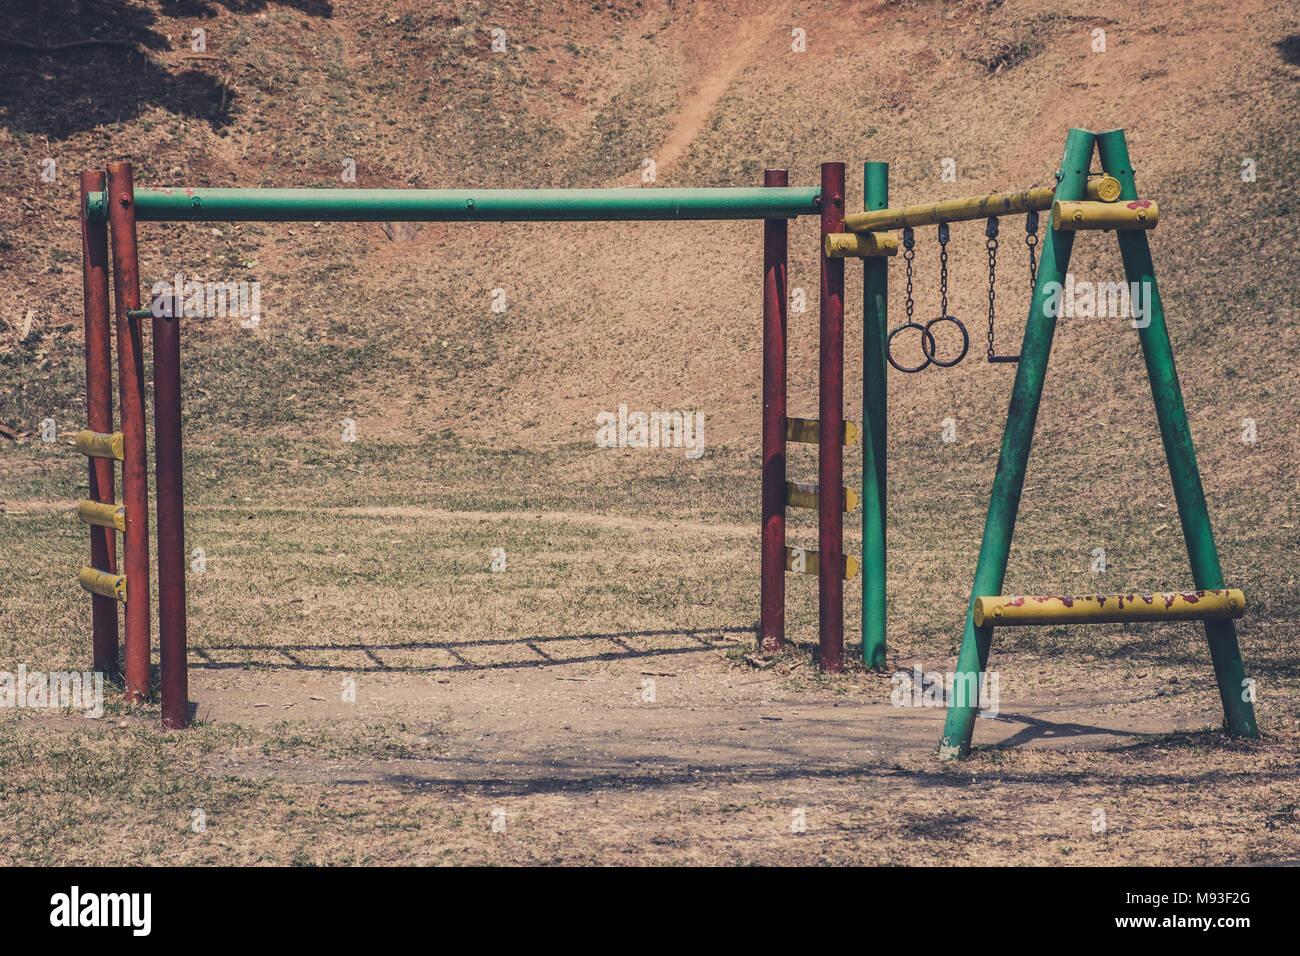 Klettergerüst Outdoor Metall : Alte klettergerüst auf rostigen spielplatz im park stockfoto bild